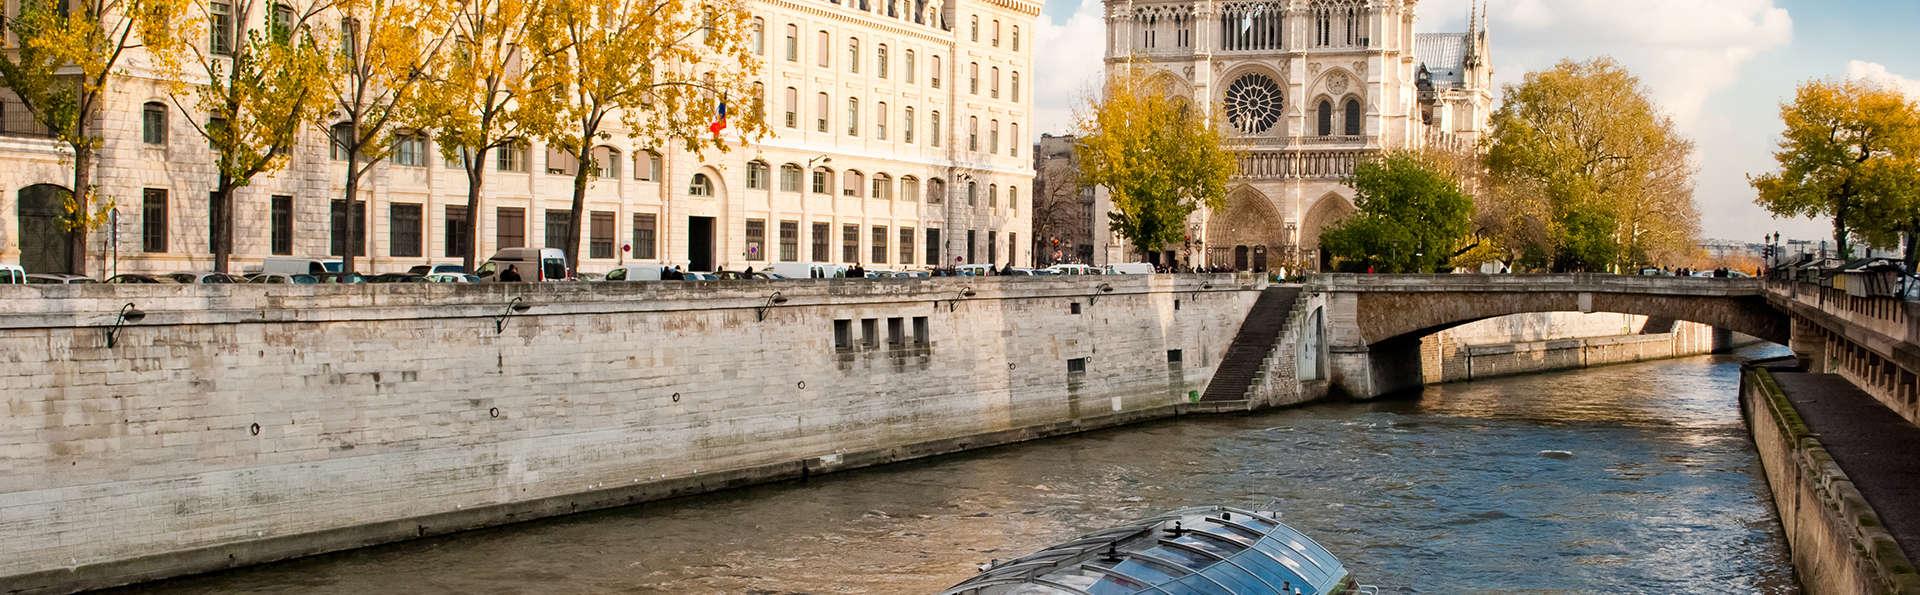 Séjour printanier à Paris et balade sur la Seine ! (à partir de 2 nuits)